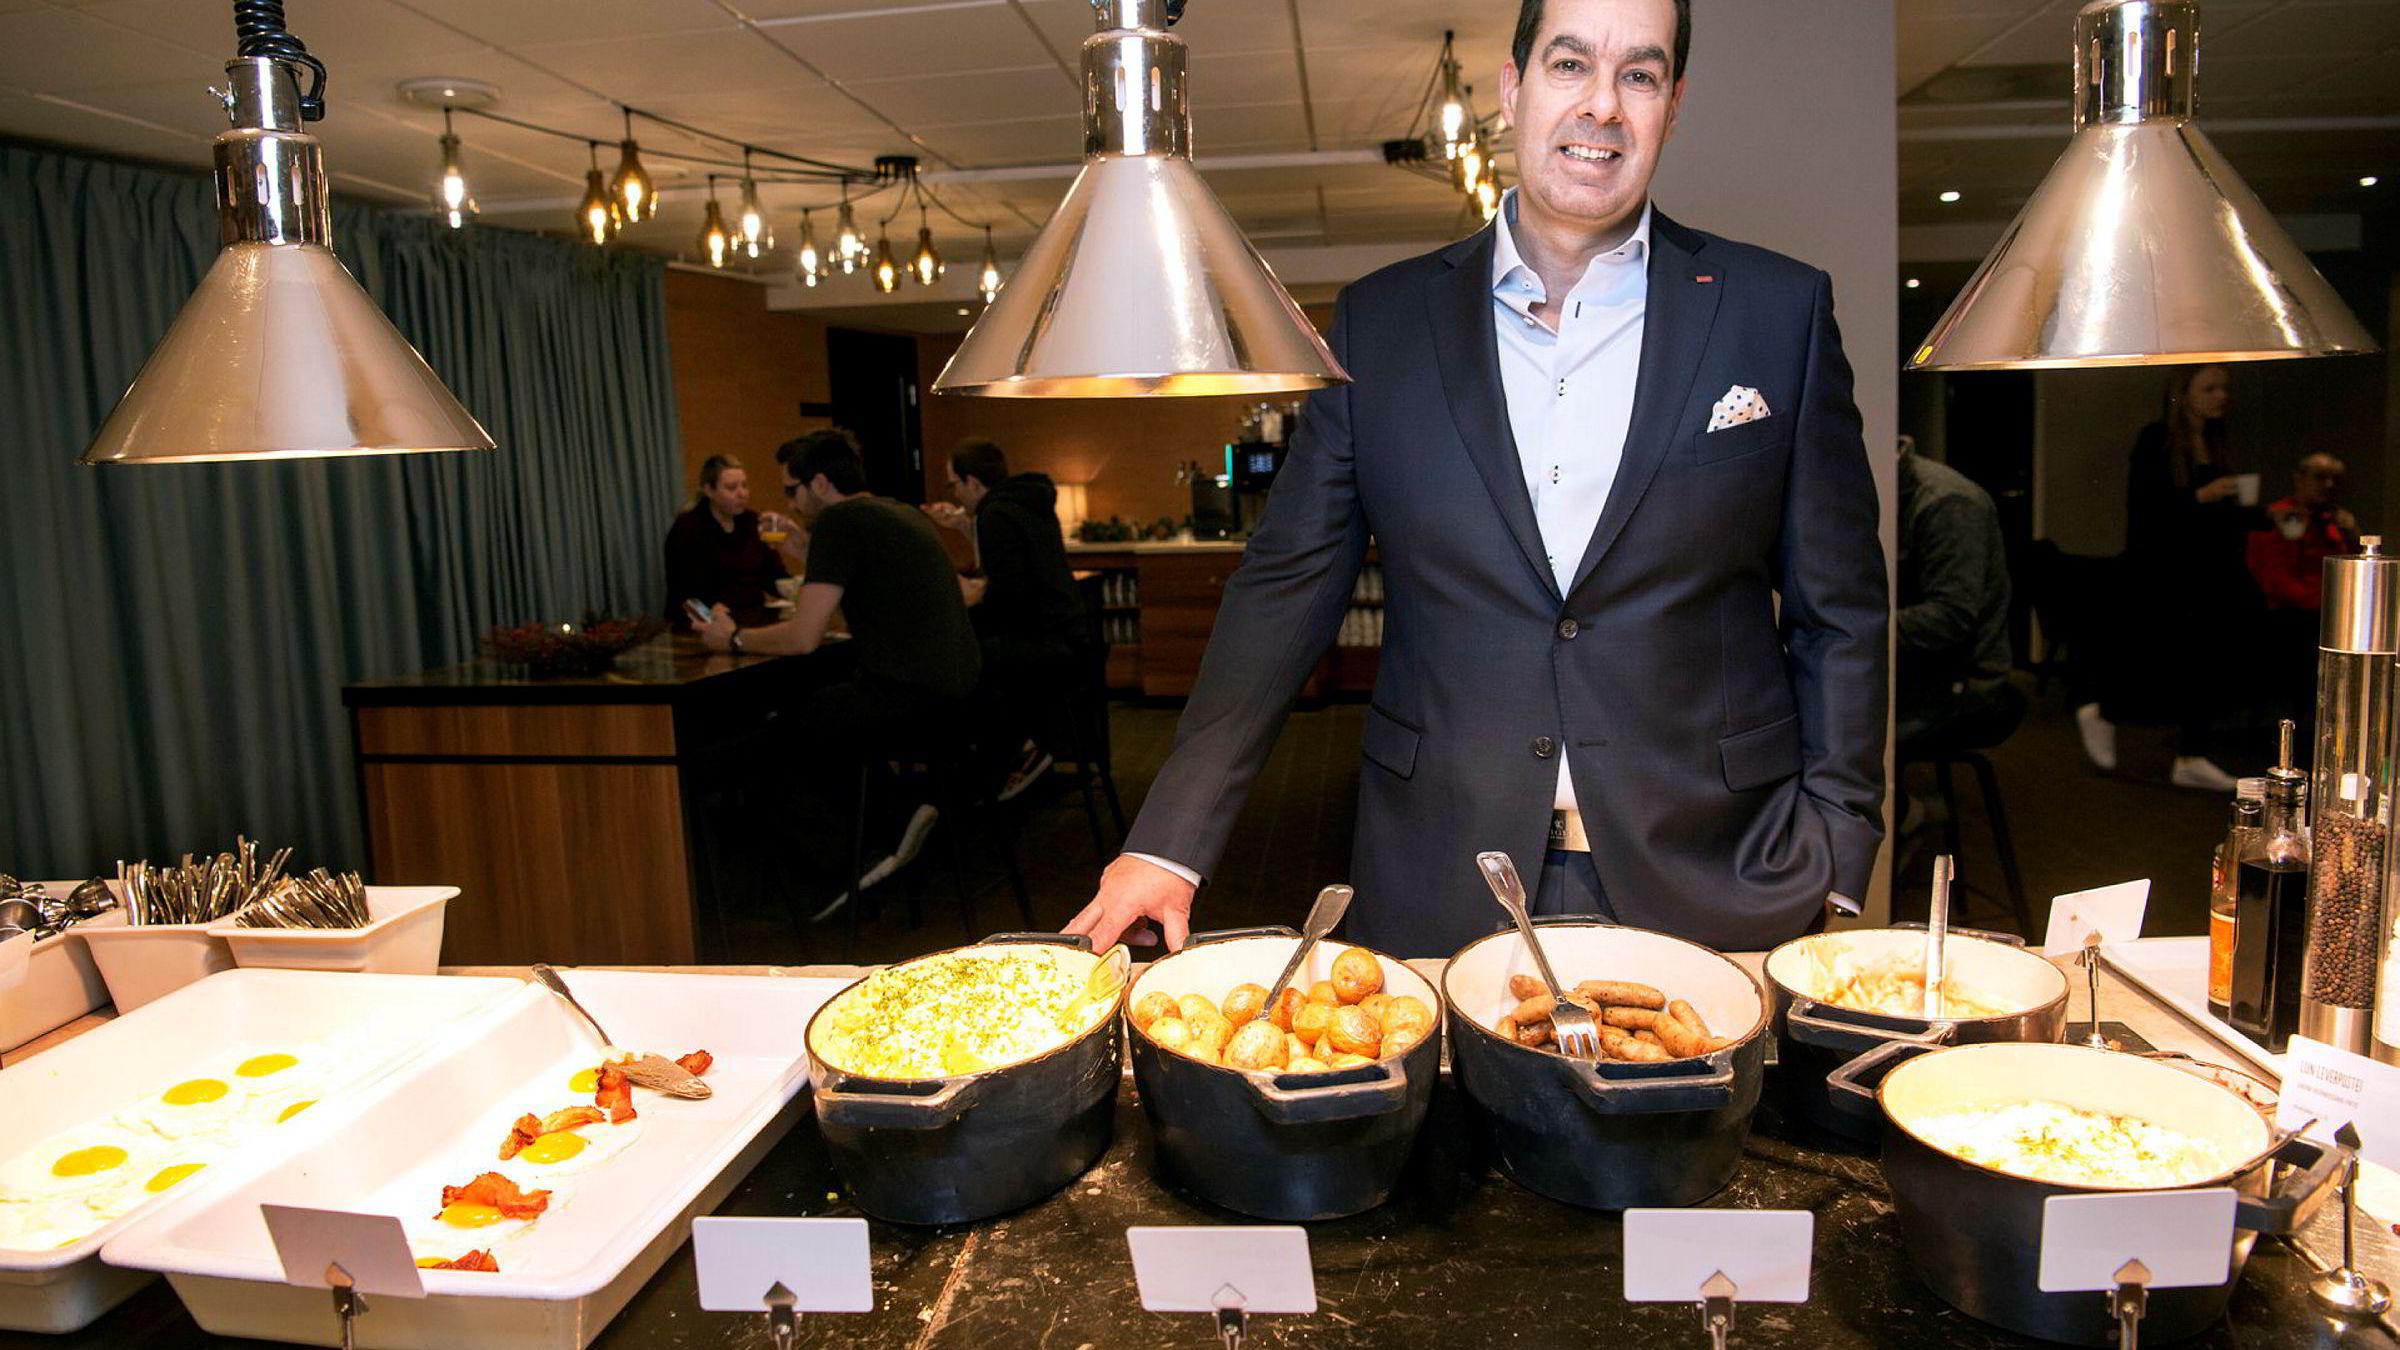 Morten Malting, direktør for mat og drikke i Scandic hotels, veier og sjekker tallerkenene som står igjen etter frokostgjestene for å kaste mindre mat.